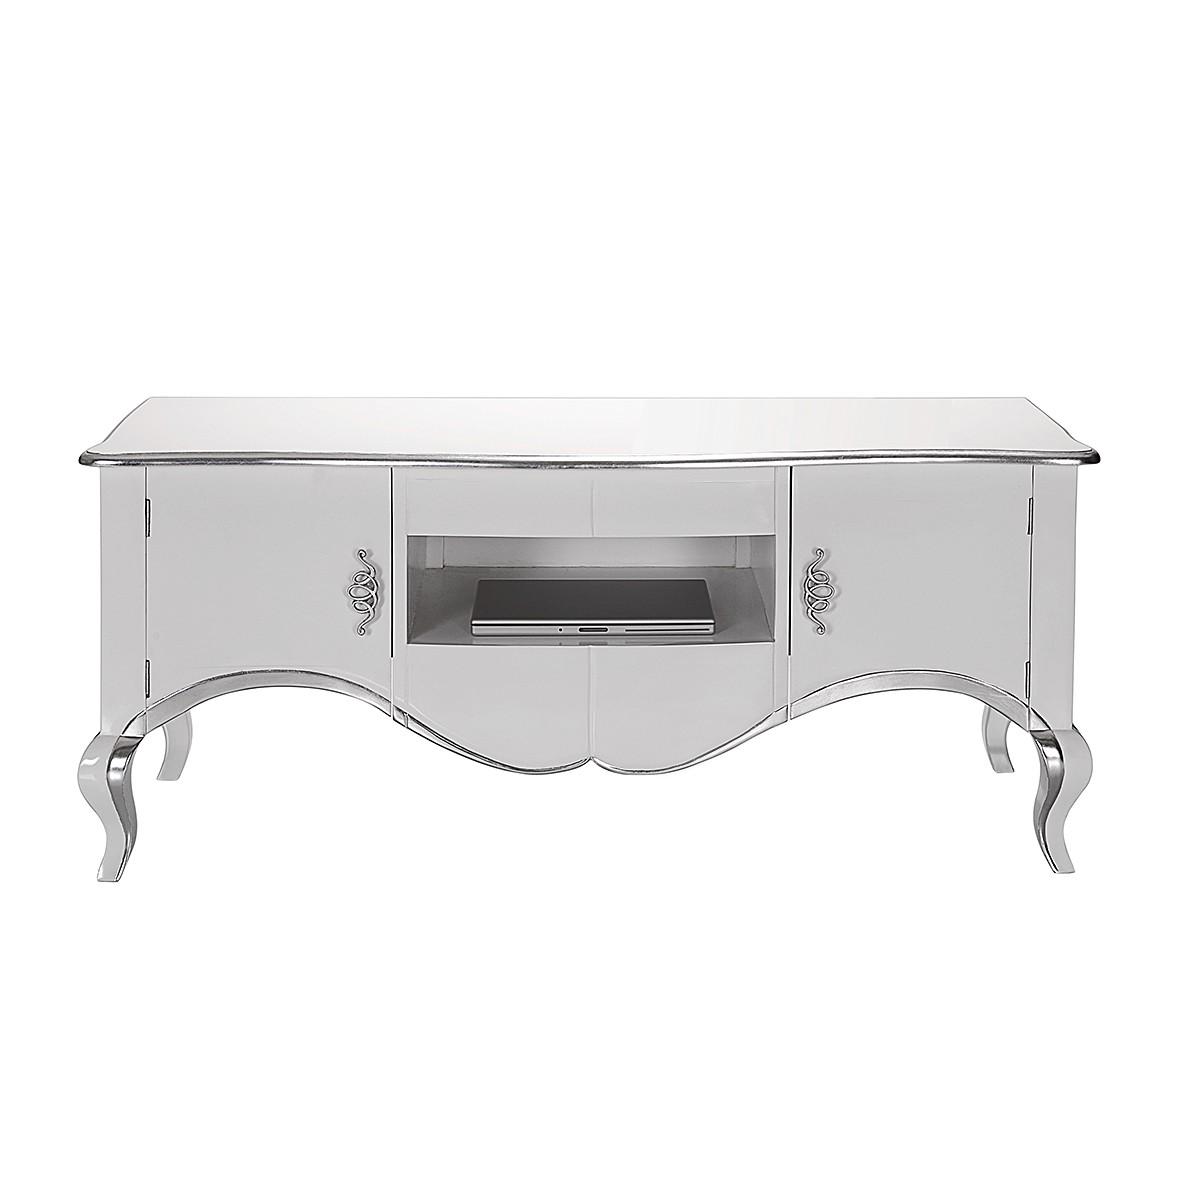 Meuble tv meuble blanc tv hauteur 60 cm meuble blanc tv - Meuble tv hauteur 50 cm ...